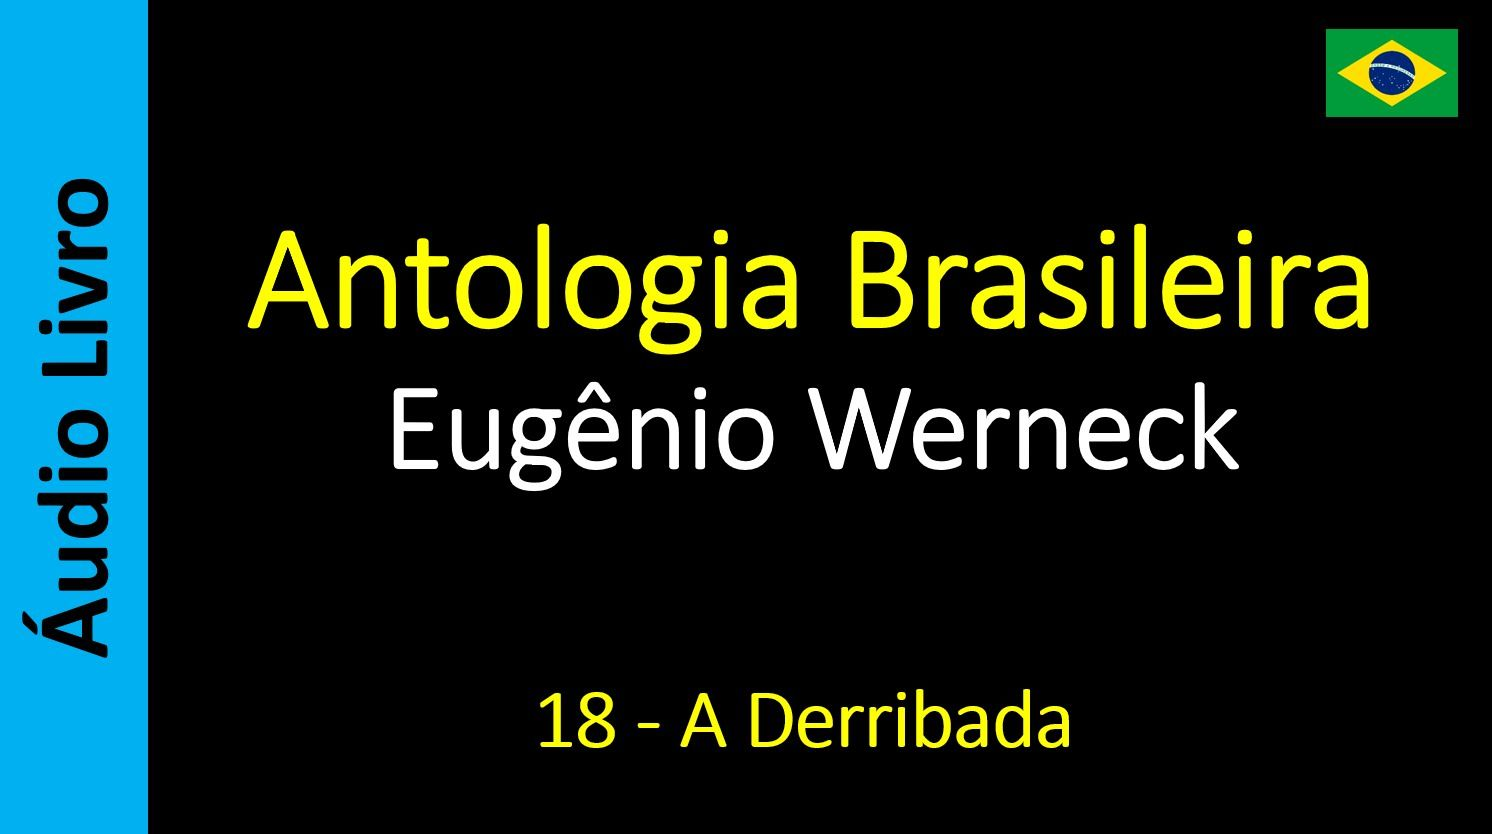 Eugênio Werneck - Antologia Brasileira - 18 - A Derribada